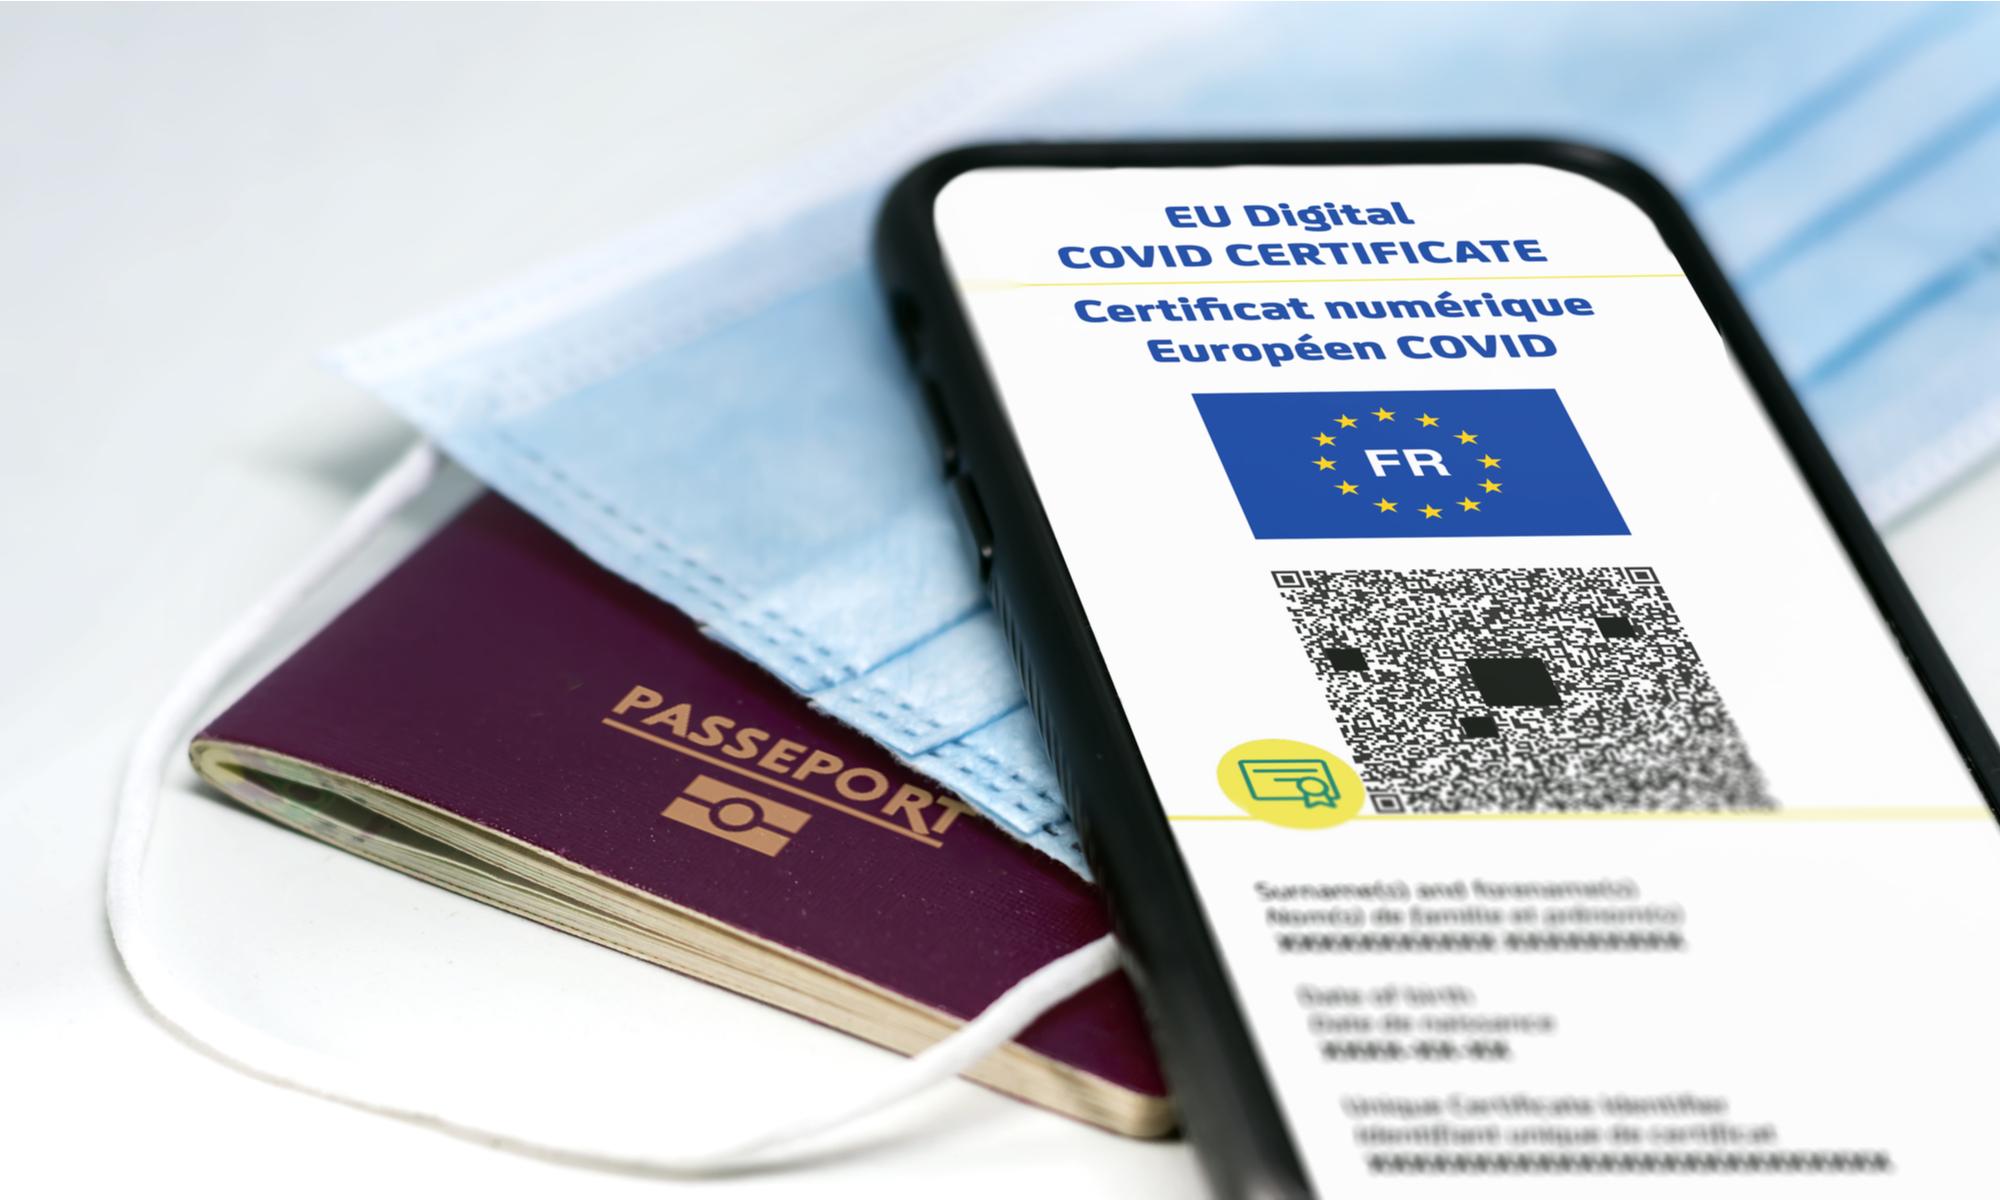 Délivrance de passe sanitaire en cas de vaccination à l'étranger hors UE : procédure pour les ressortissants français et leurs ayants droit